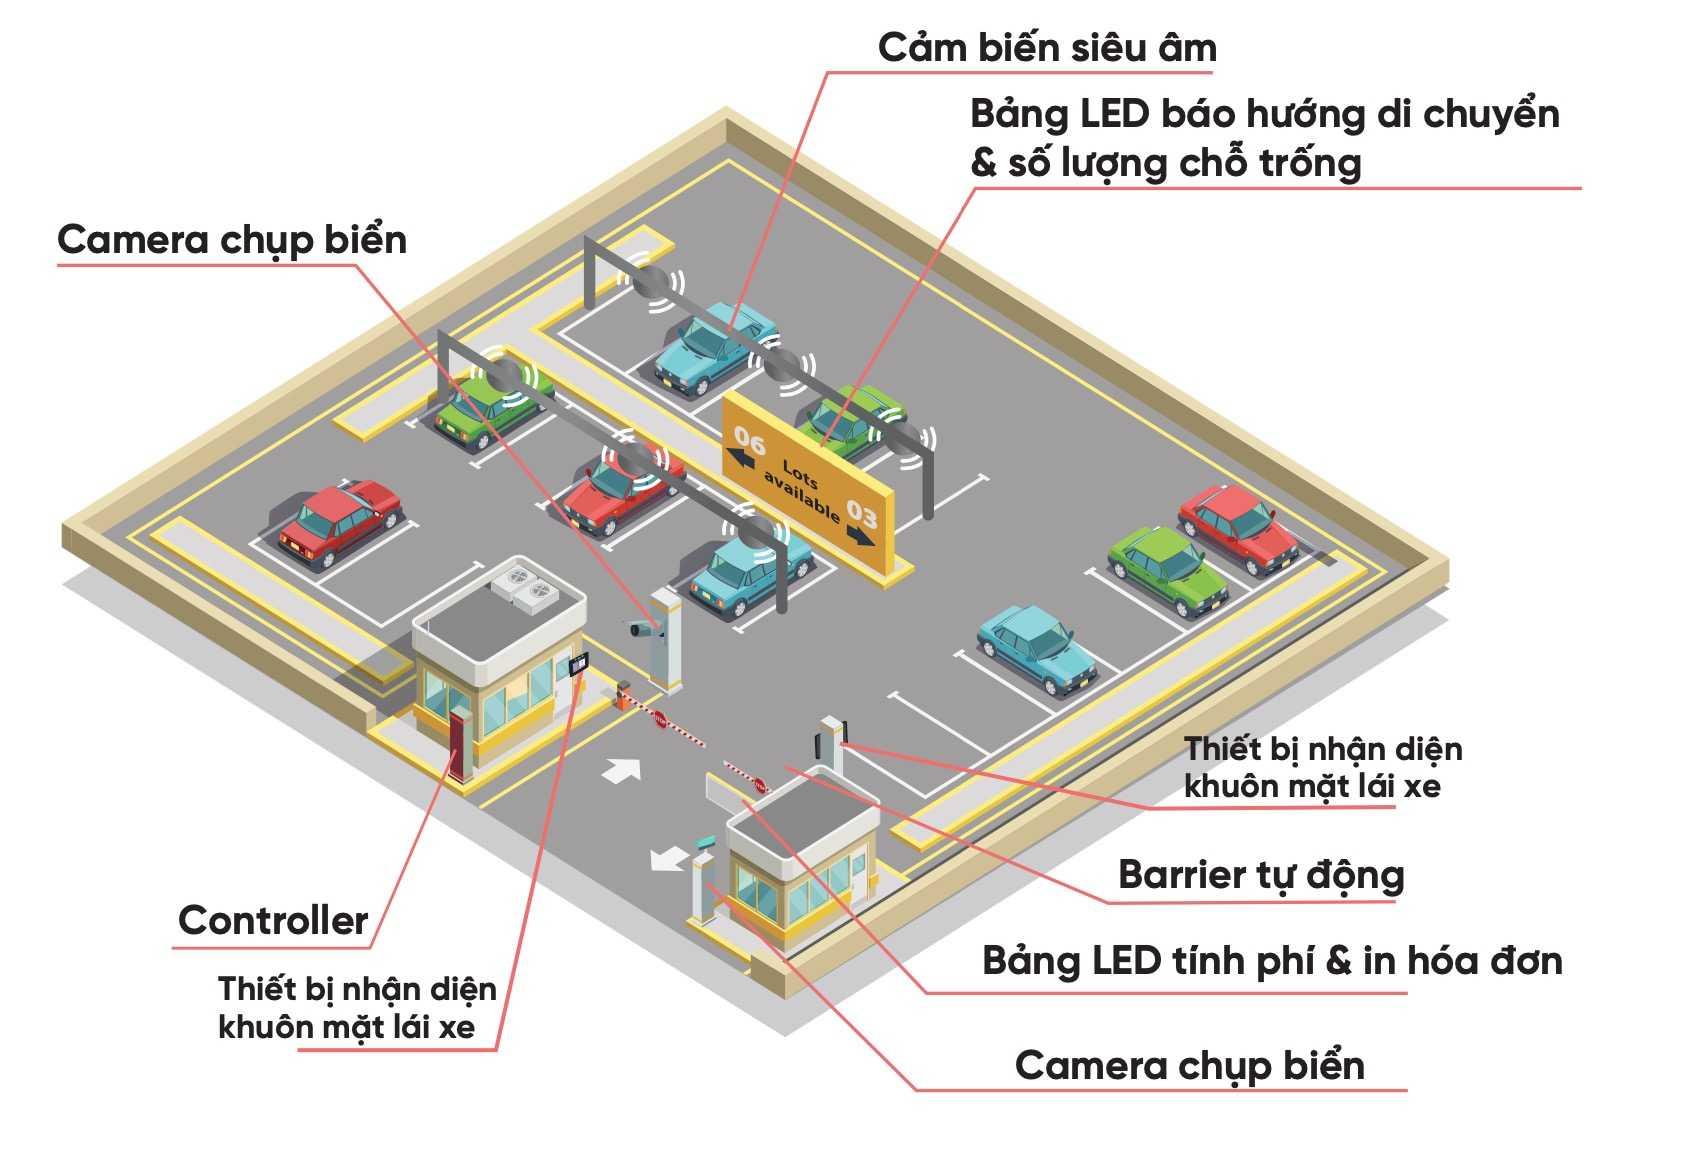 Aiparking Mo Hinh Tong Quat